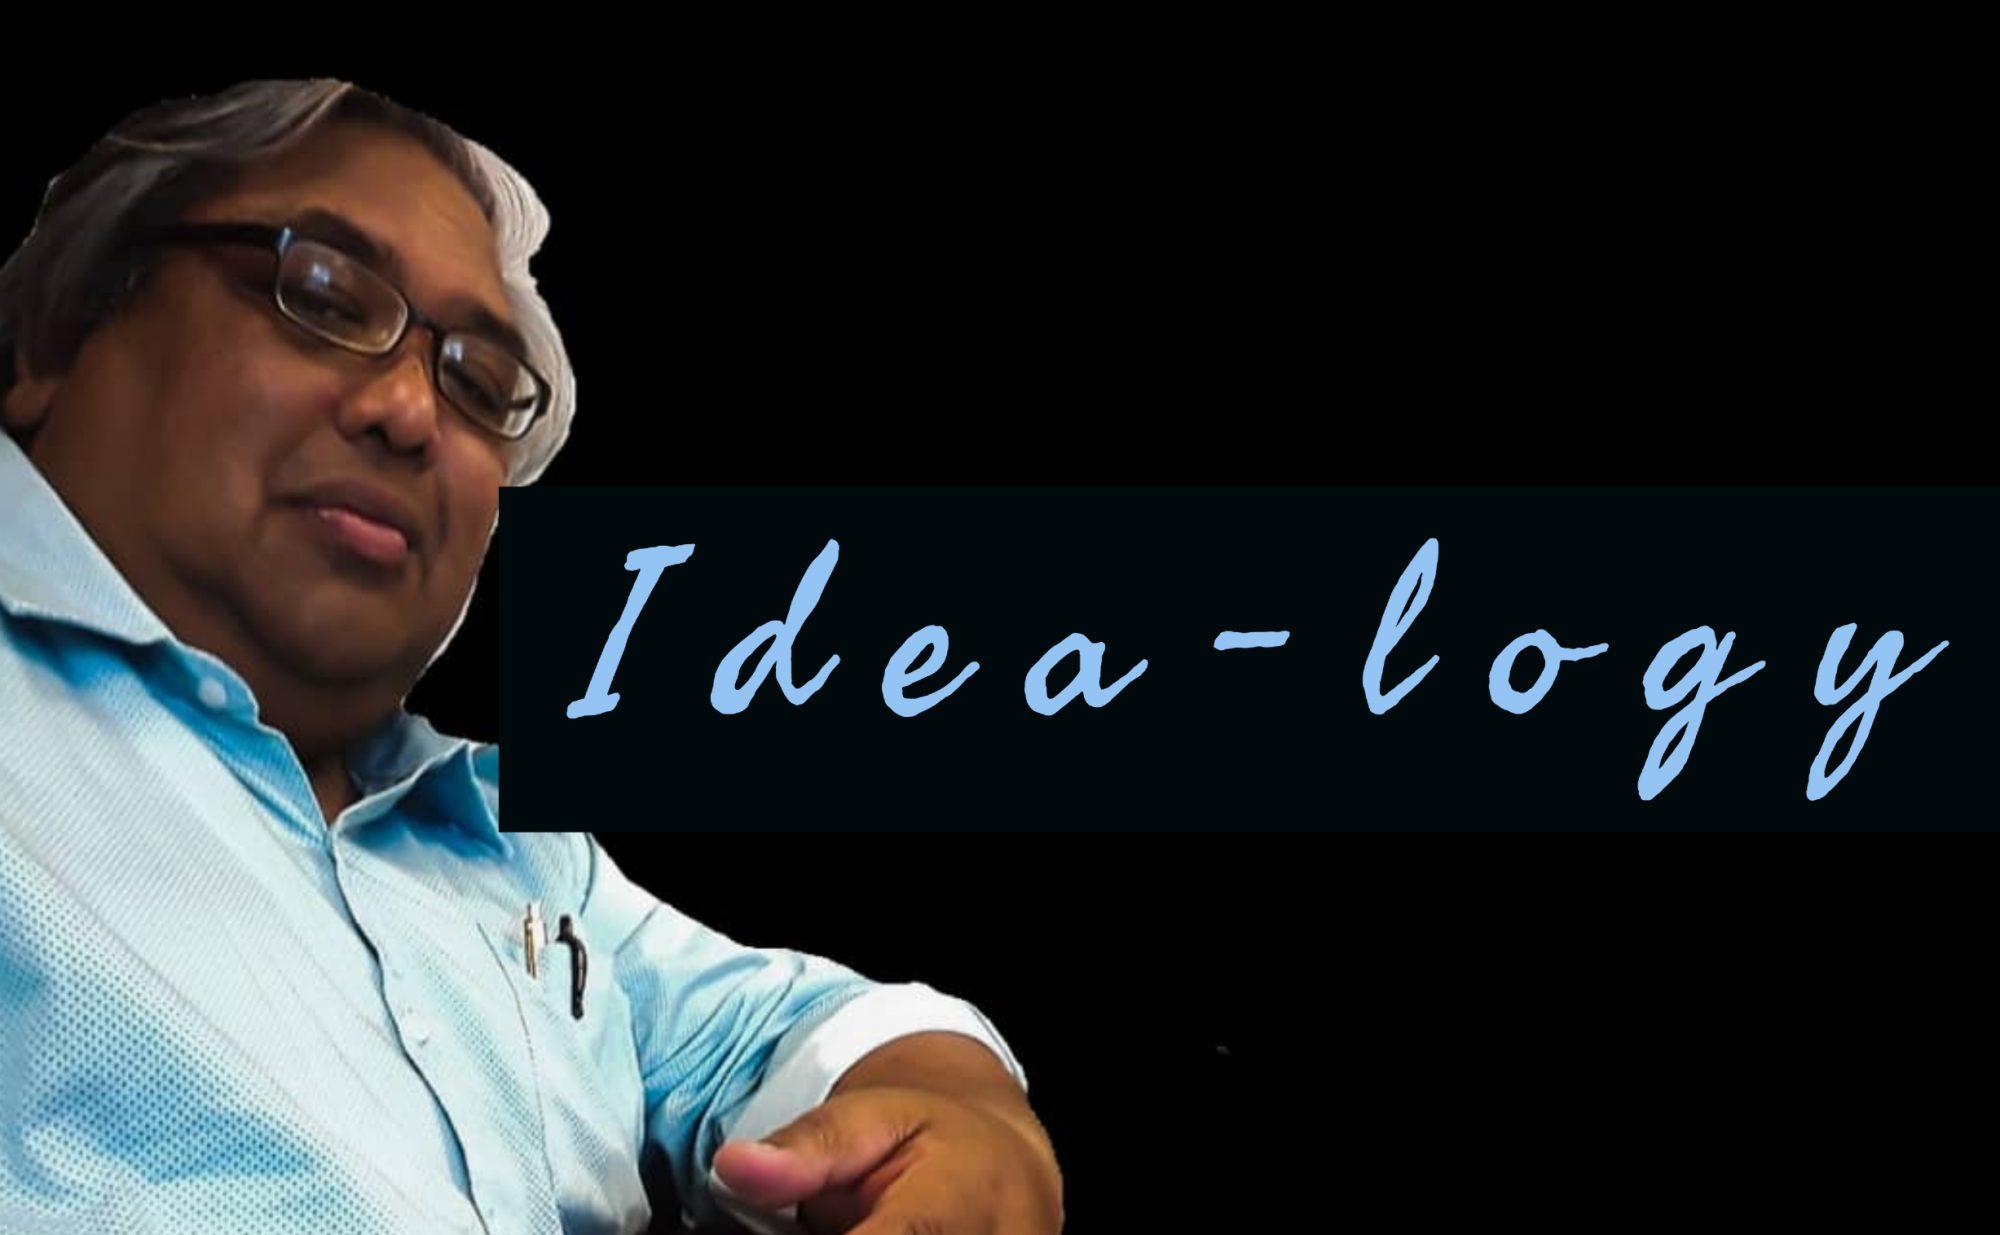 Idea-logy